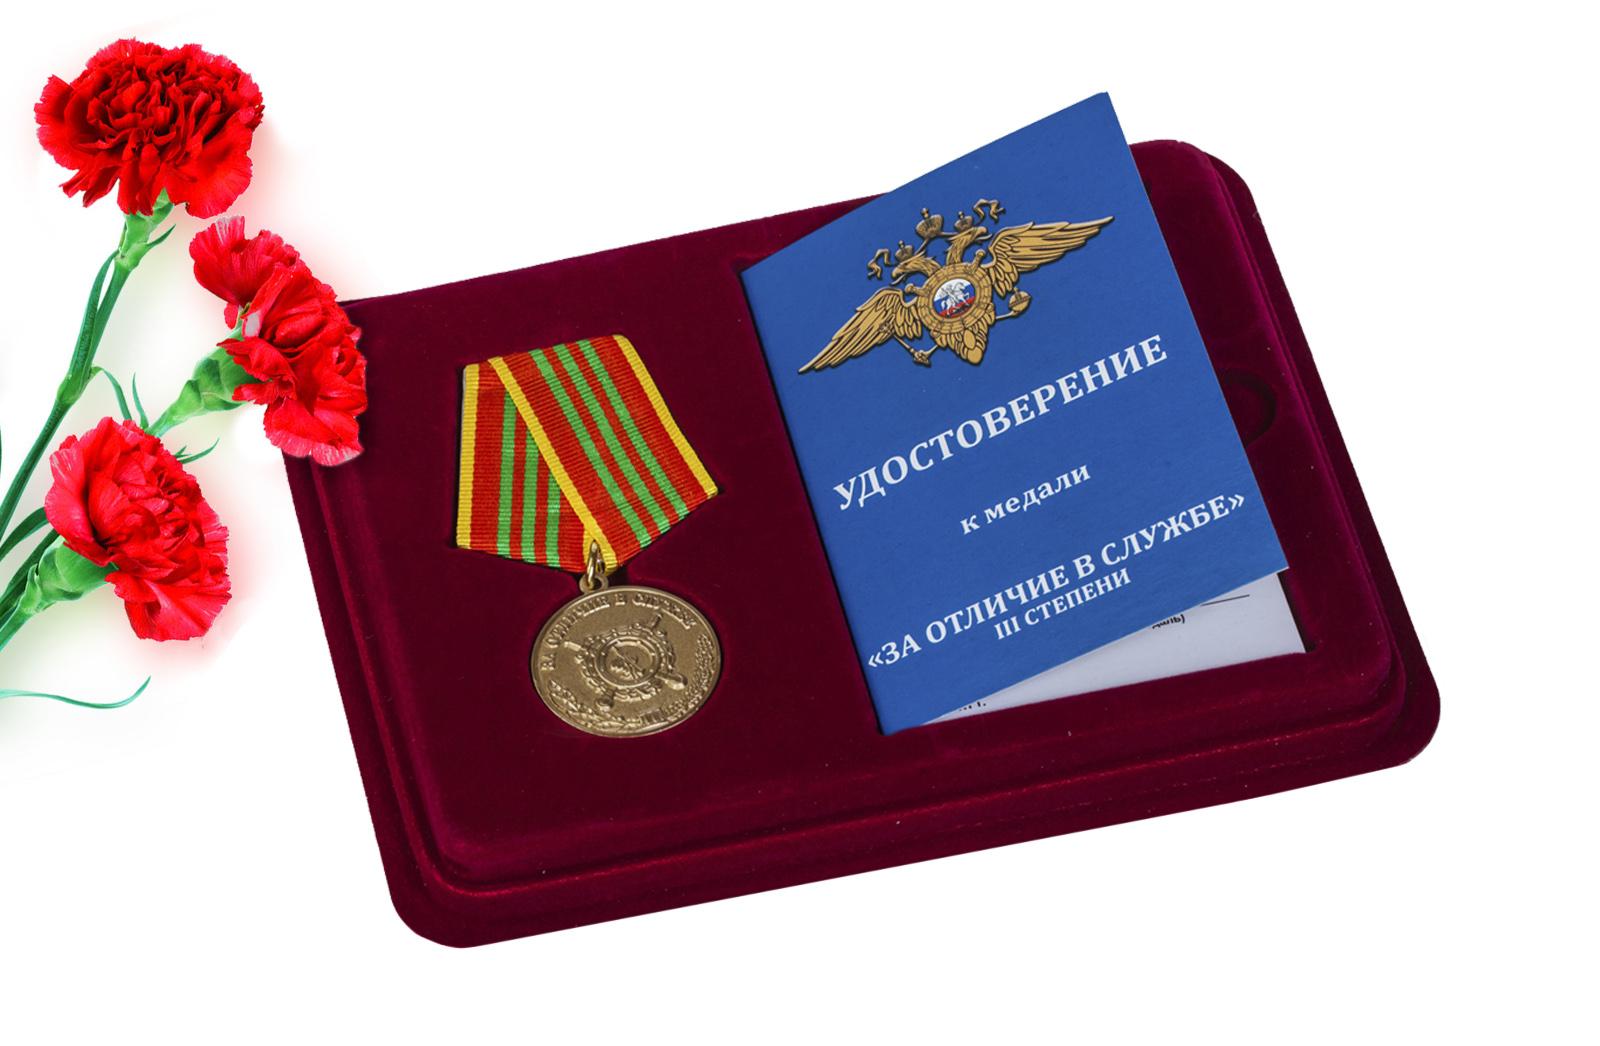 Купить медаль МВД РФ За отличие в службе 3 степени оптом выгодно